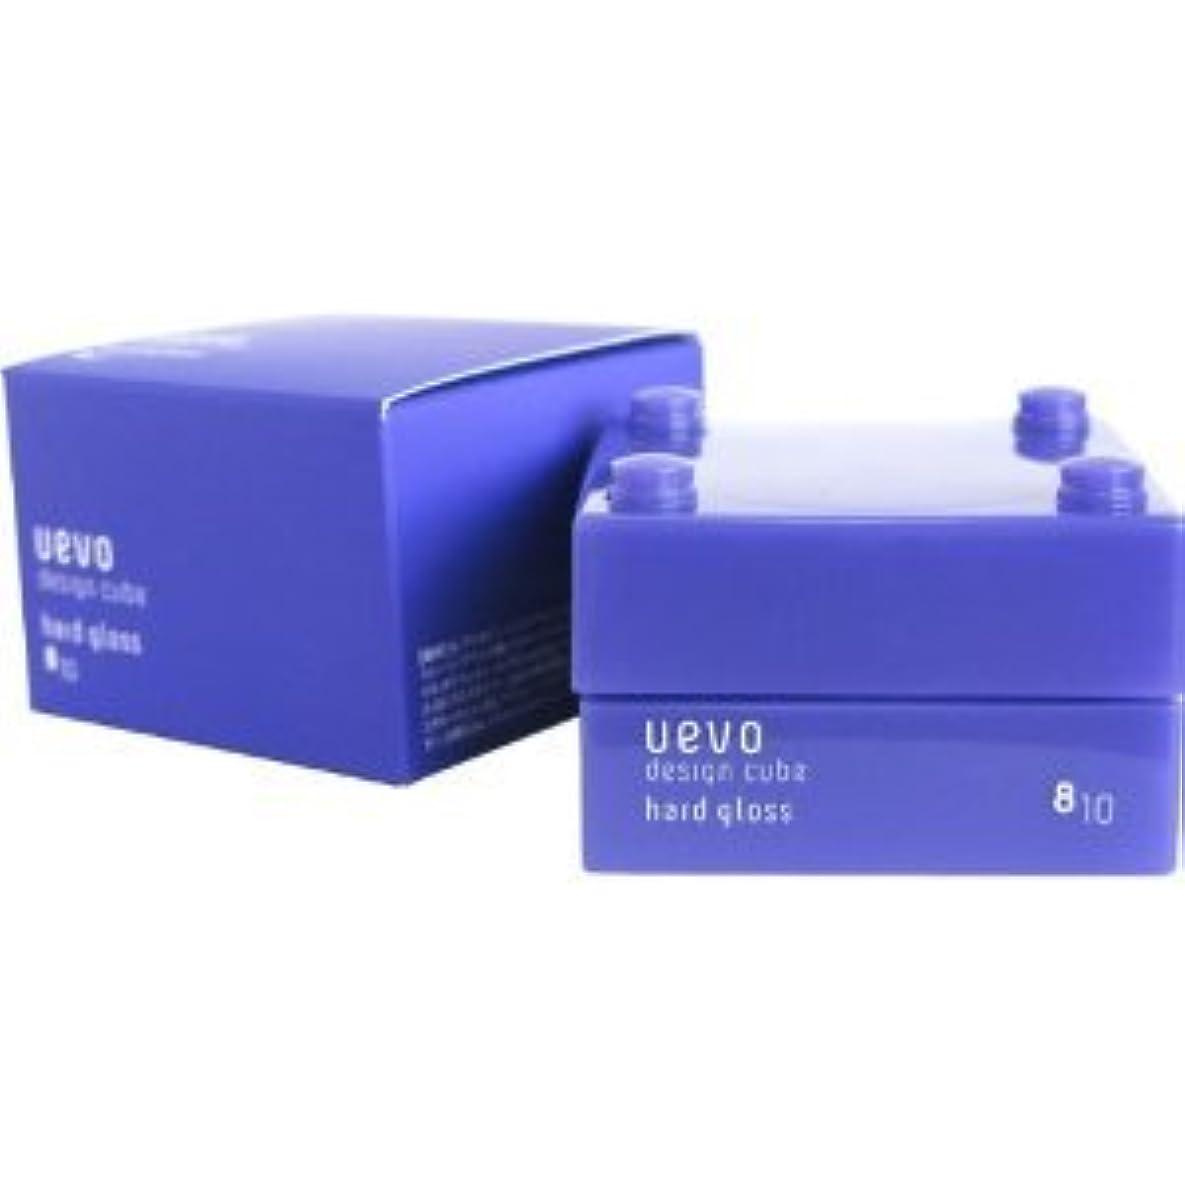 【X2個セット】 デミ ウェーボ デザインキューブ ハードグロス 30g hard gloss DEMI uevo design cube